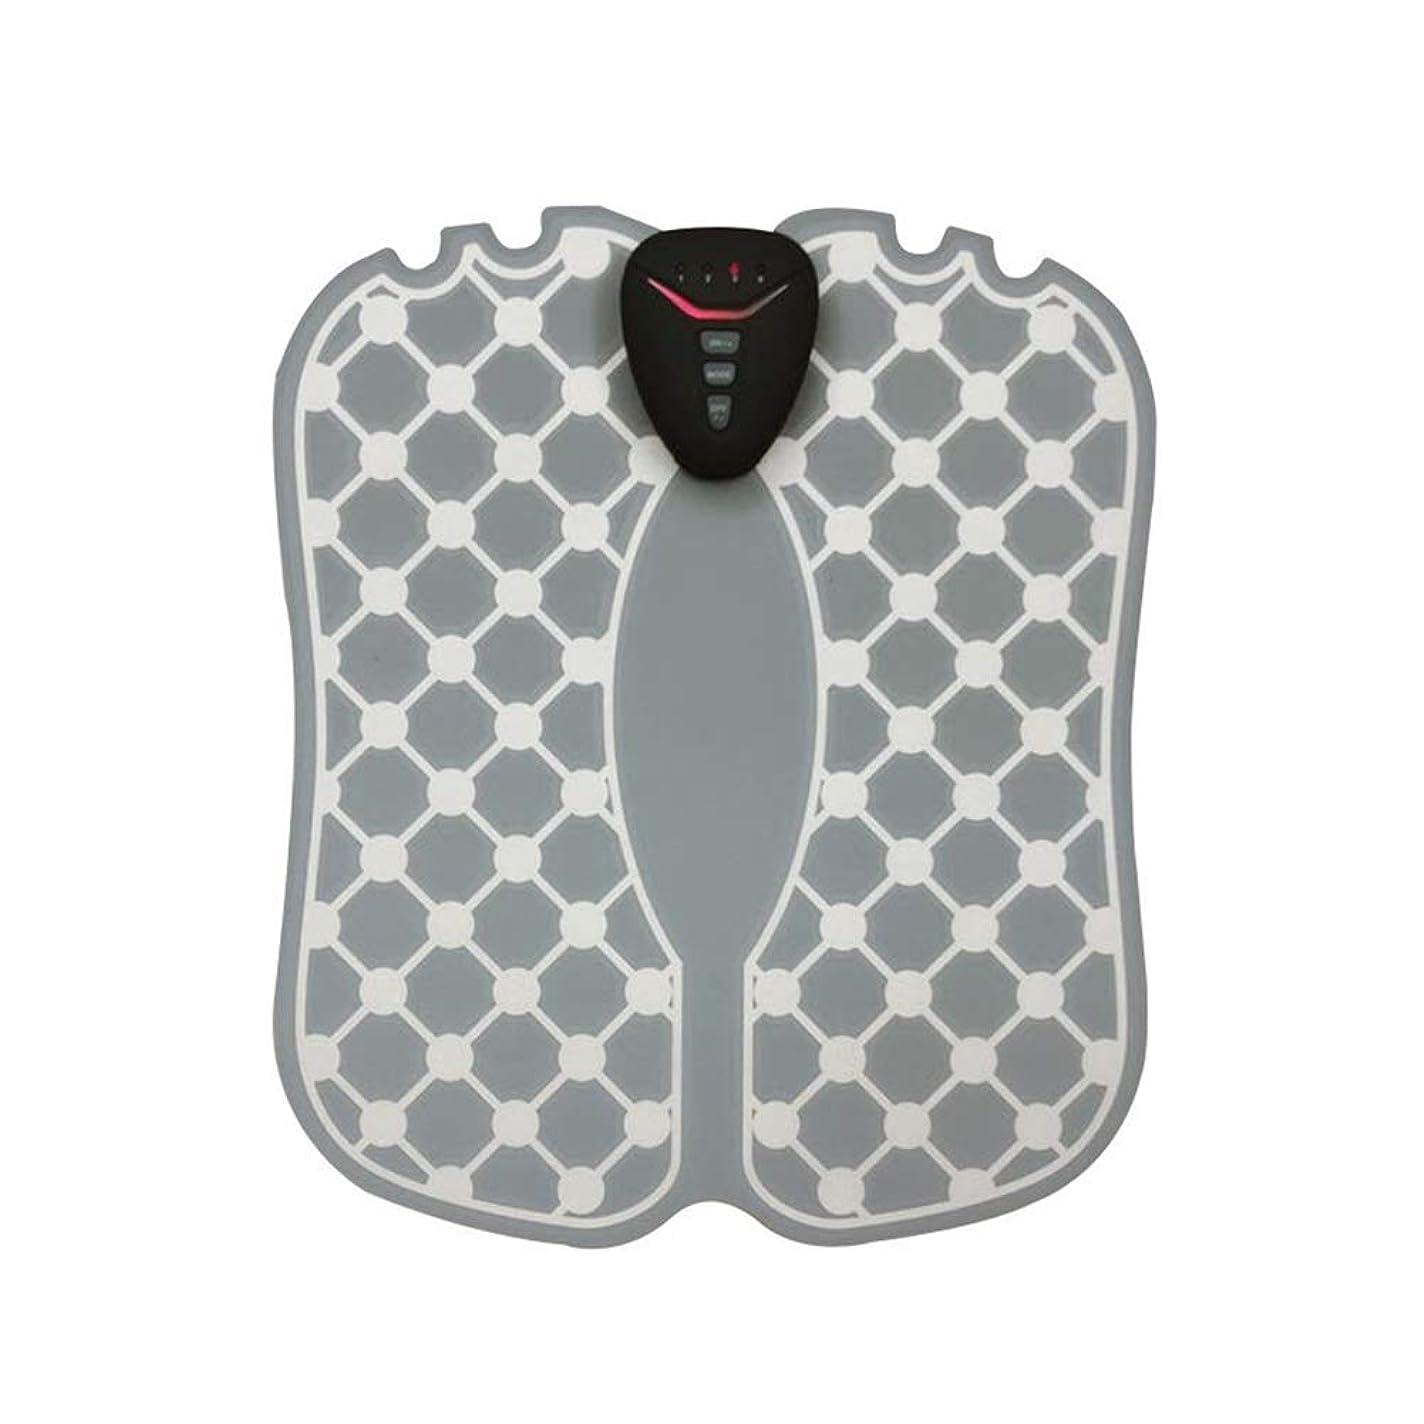 着実に振り向く同意IMATE 2019年最新の改良品 EMS フットマッサージャー タイプ1.AAA形乾電池式 タイプ2.USB充電式 フットフィット スタイルマット 歩く力を鍛える 美脚トレ 折り畳みOK 超薄軽 ジェルシート不要 男女兼用 グレー